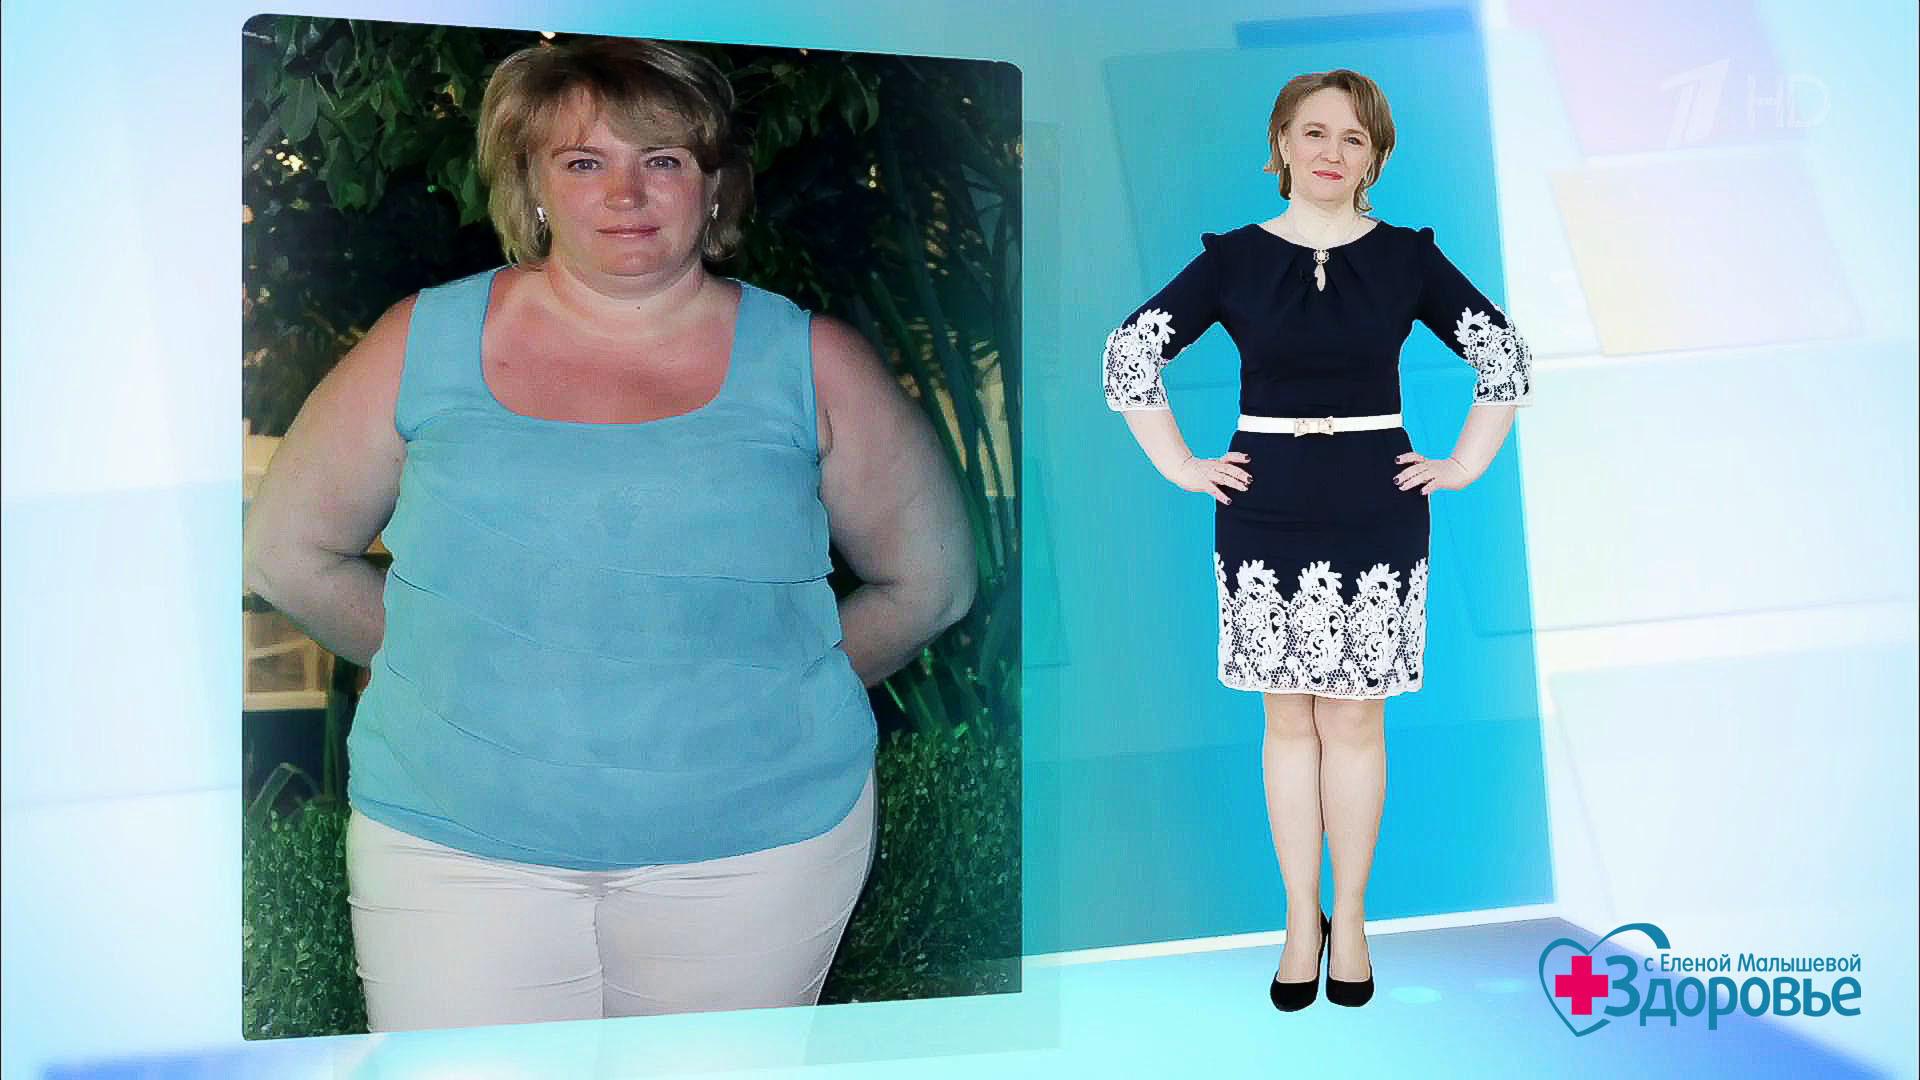 Программа Здоровье Как Похудеть. Как сбросить лишний вес. Примерное меню на неделю, программа Малышевой